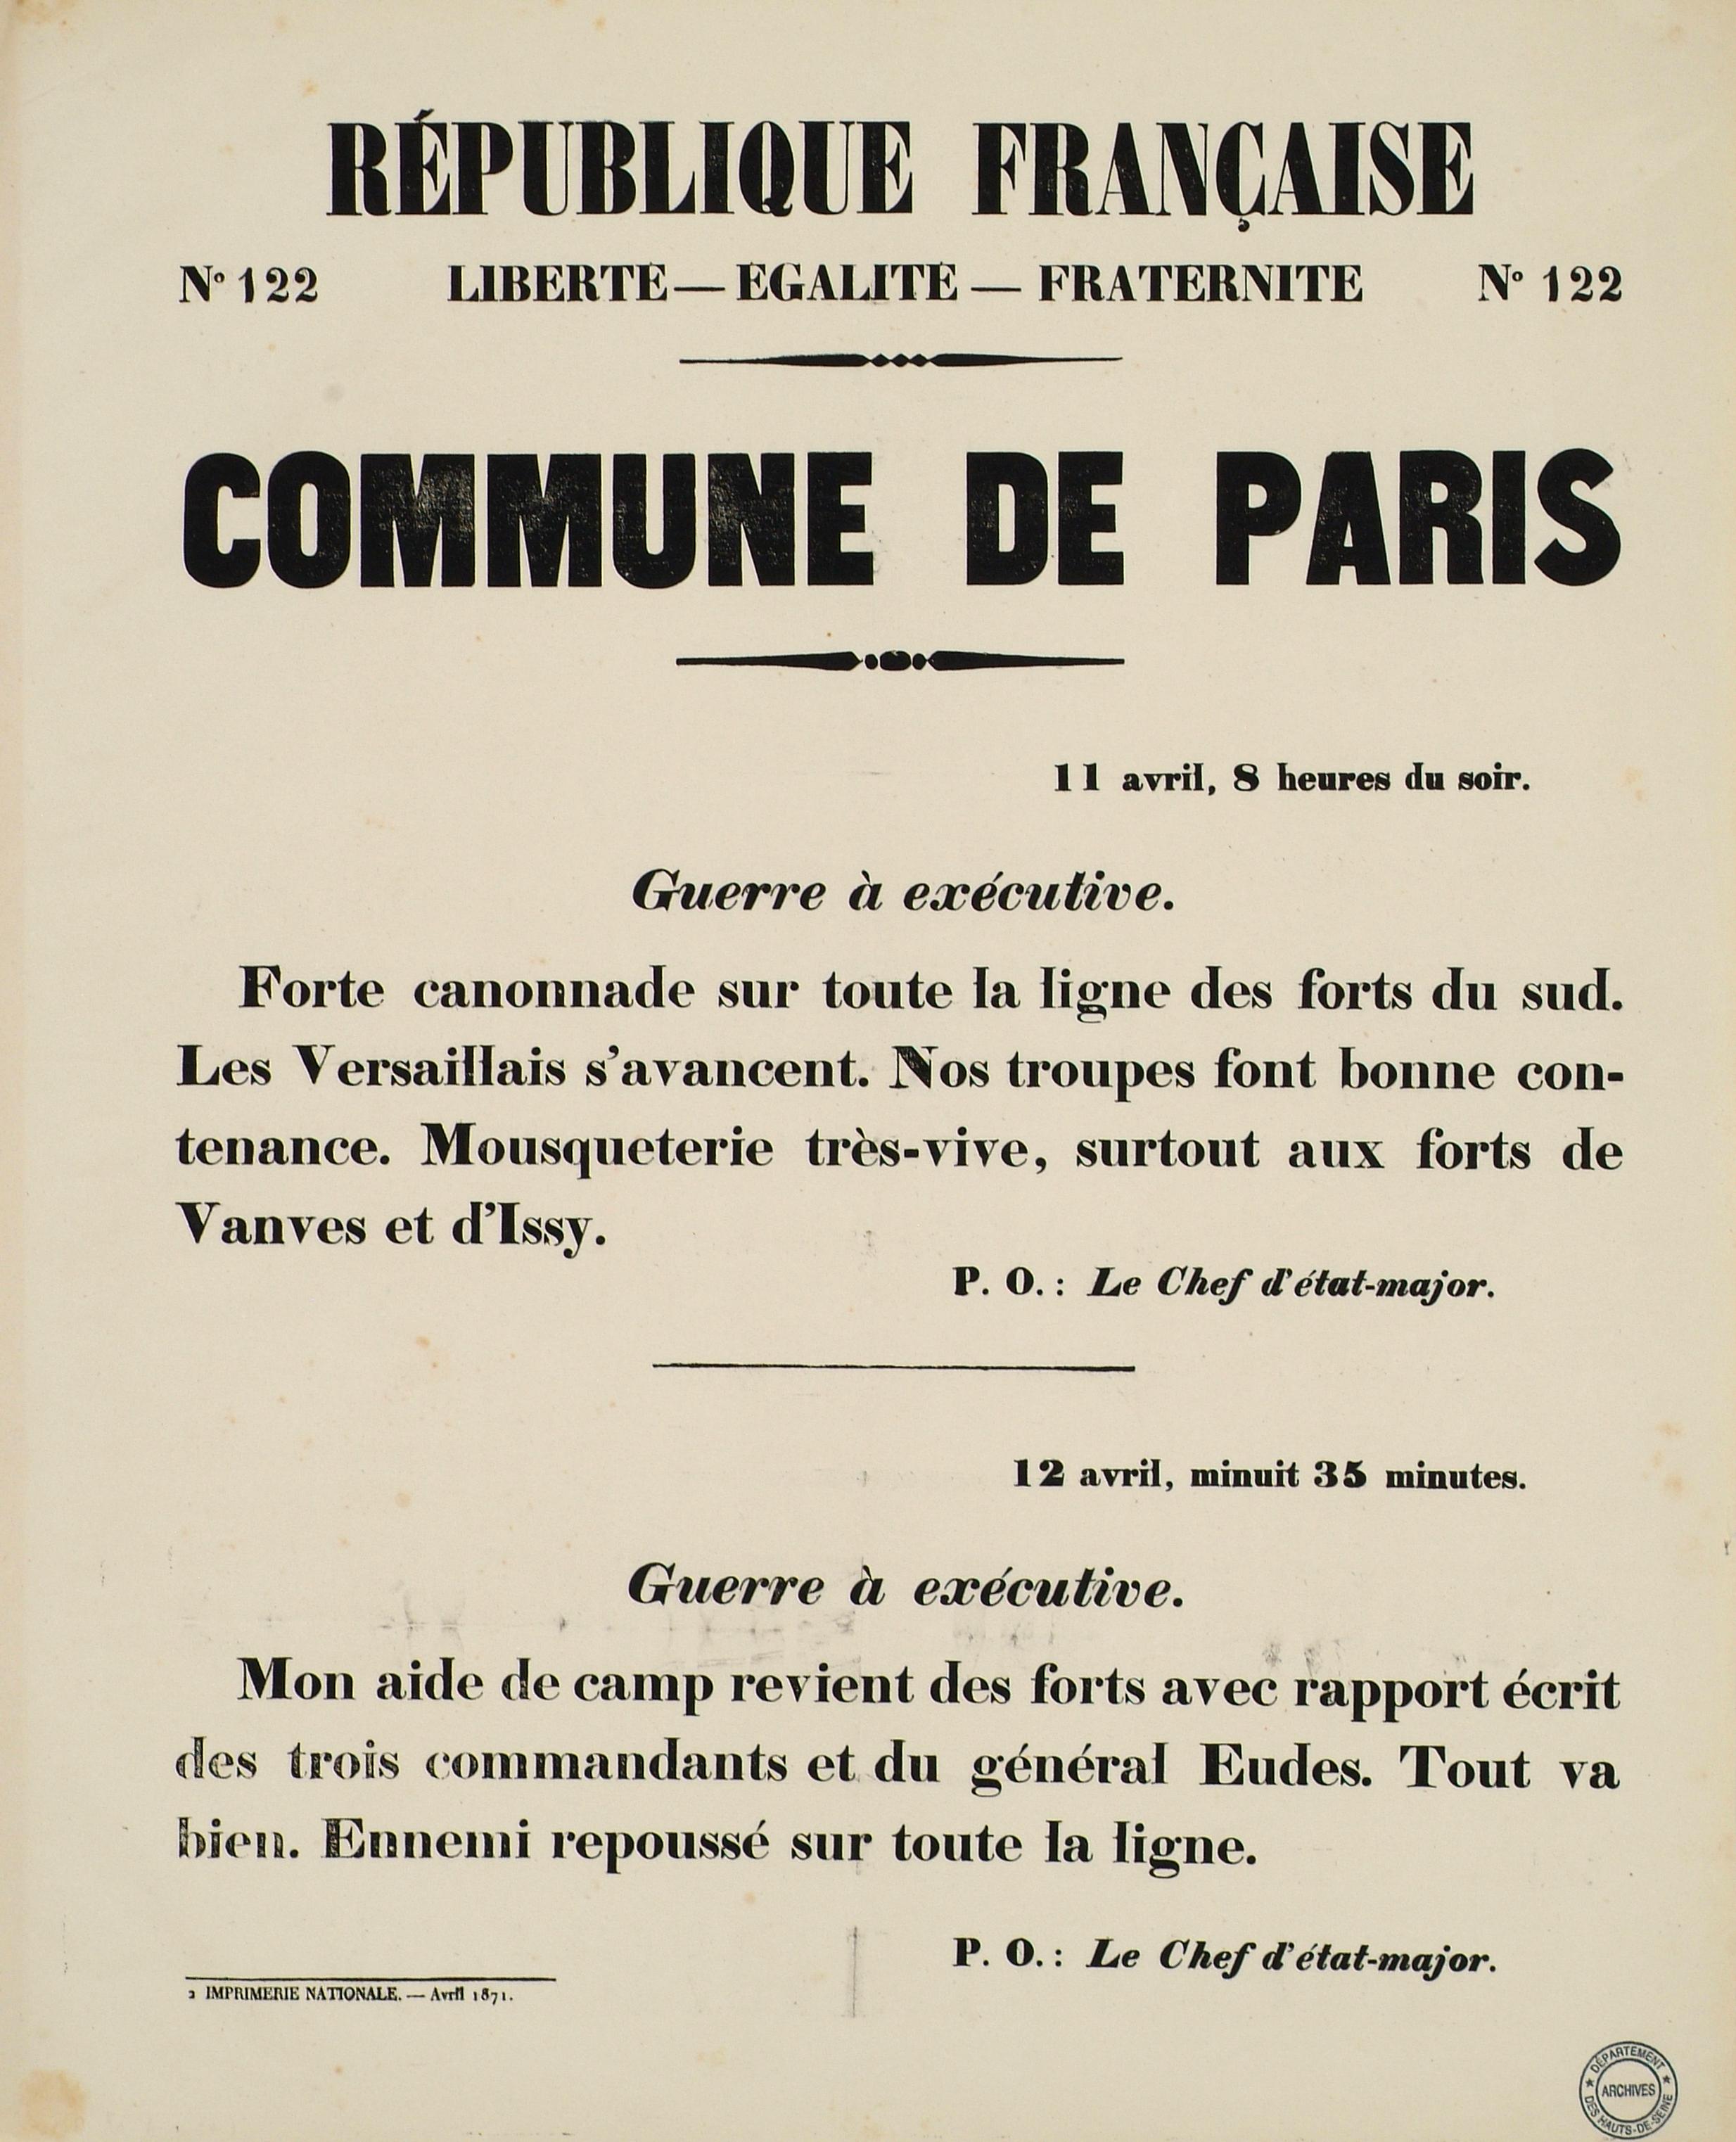 AFFICHE. COMMUNE DE PARIS n°122.